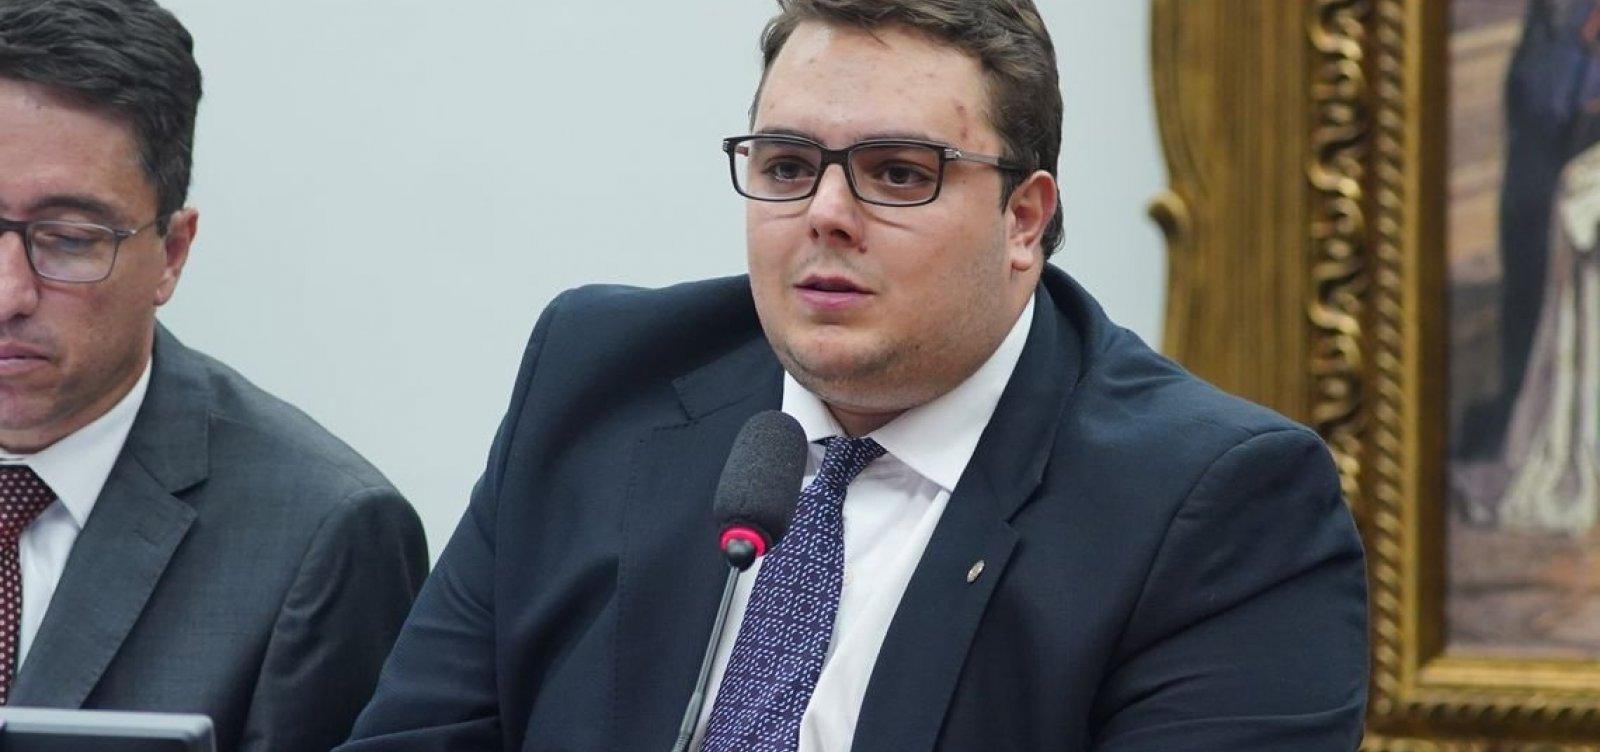 [Presidente da CCJ quer pautar debate sobre 2ª instância 'independentemente' do STF]